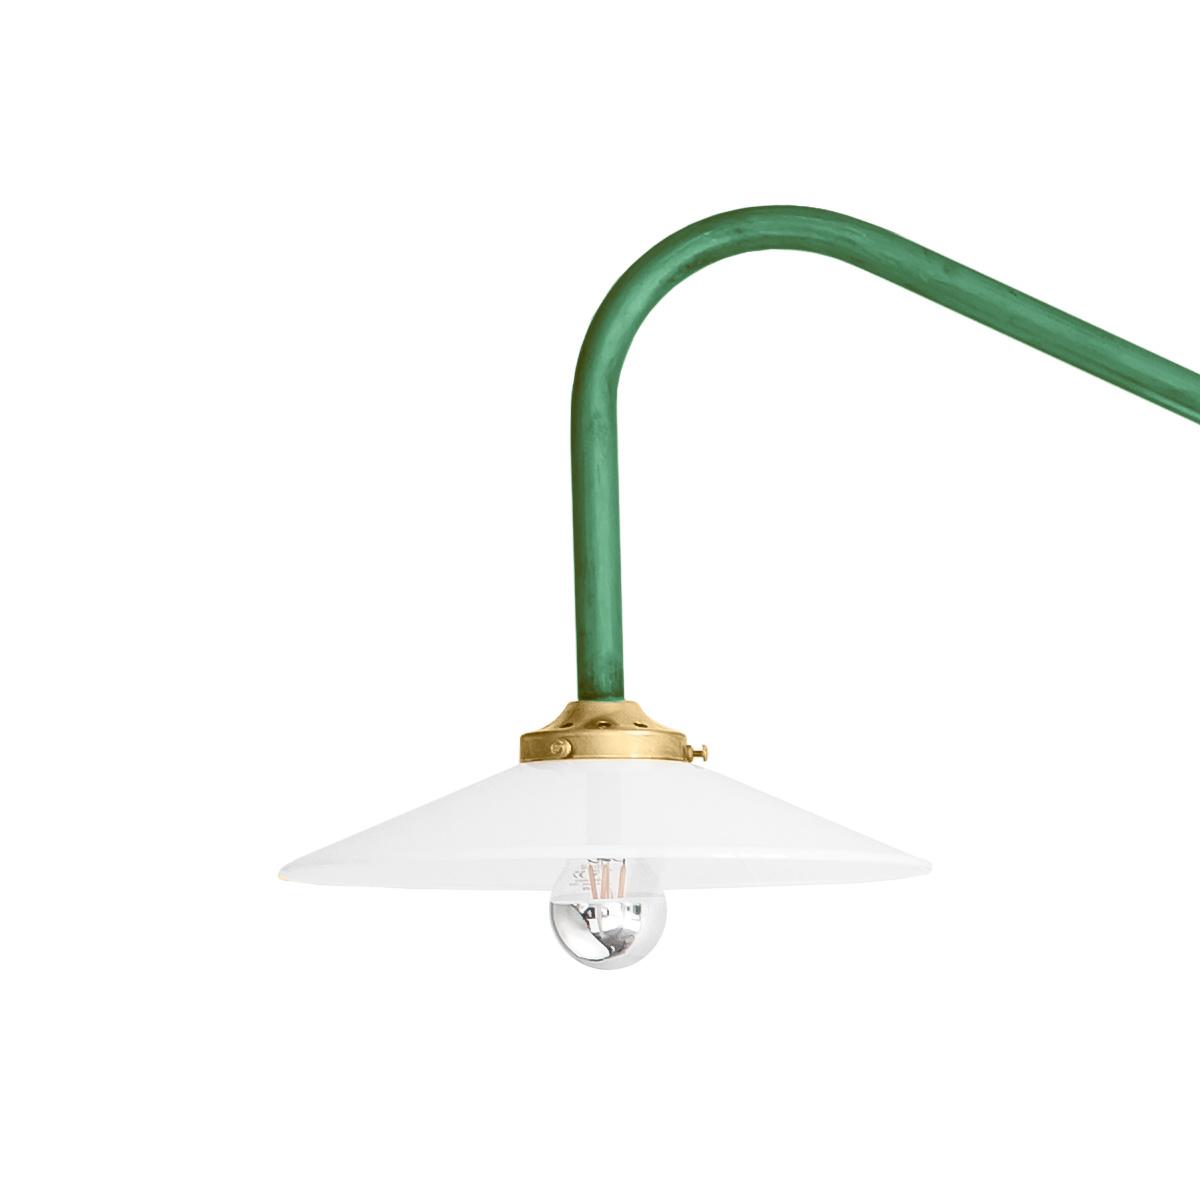 Hanging Lamp No. 1-11